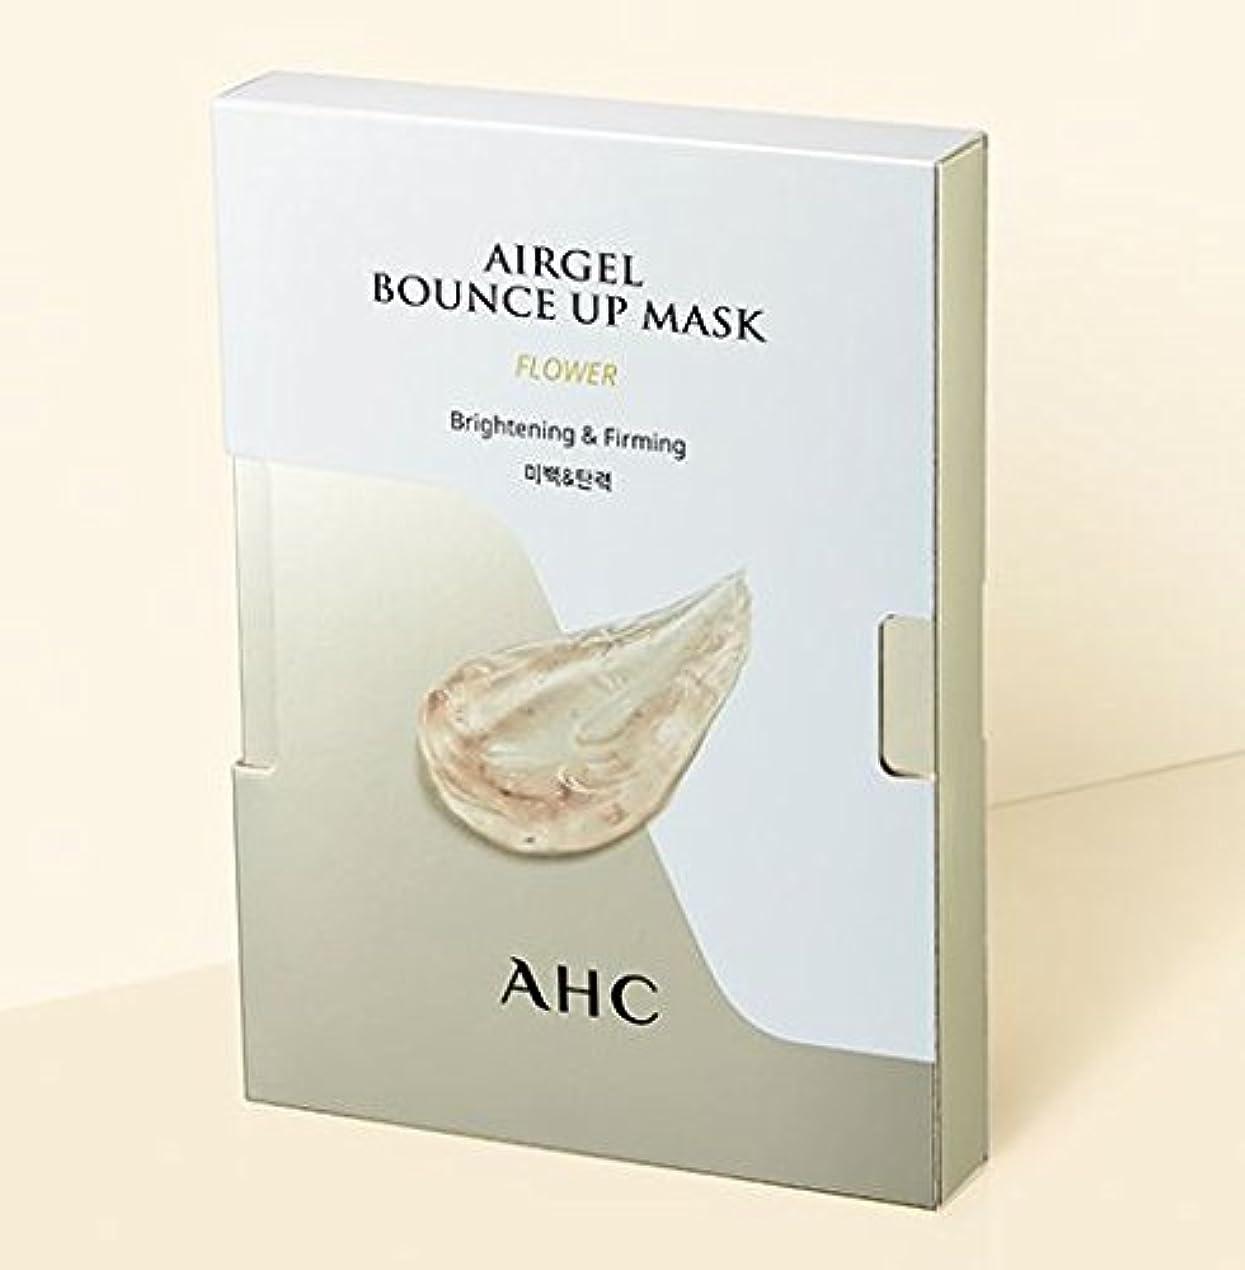 リズム登場素敵な[A.H.C] Airgel Bounce Up Mask FLOWER (Brightening&Firming)30g*5sheet/フラワーエアゲルマスク30g*5枚 [並行輸入品]